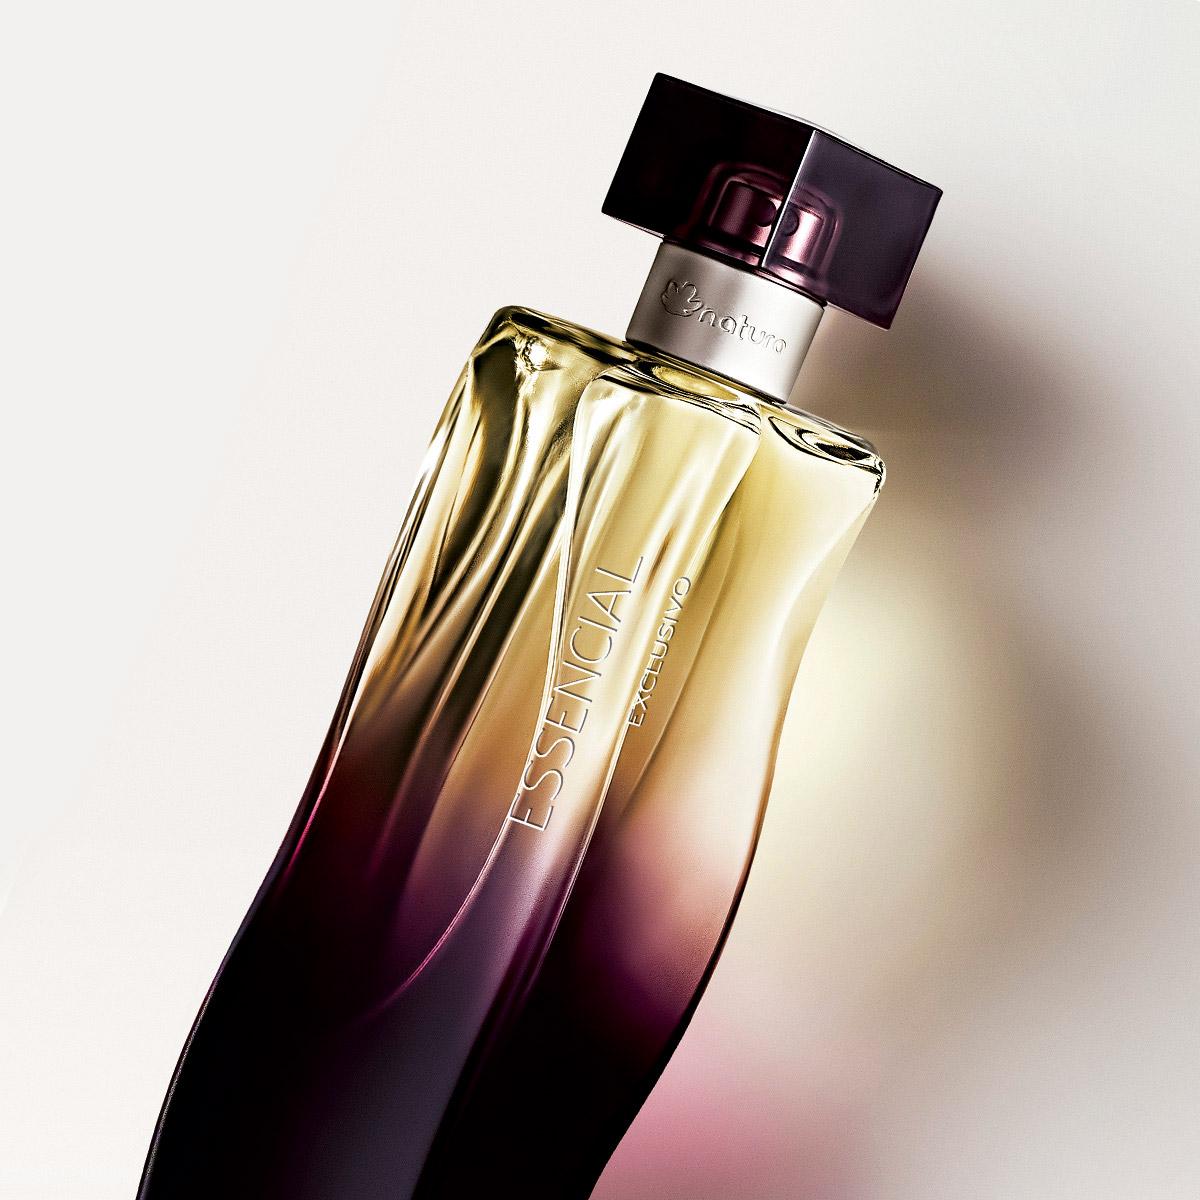 Deo Parfum Essencial Exclusivo Feminino - 100ml - 41808